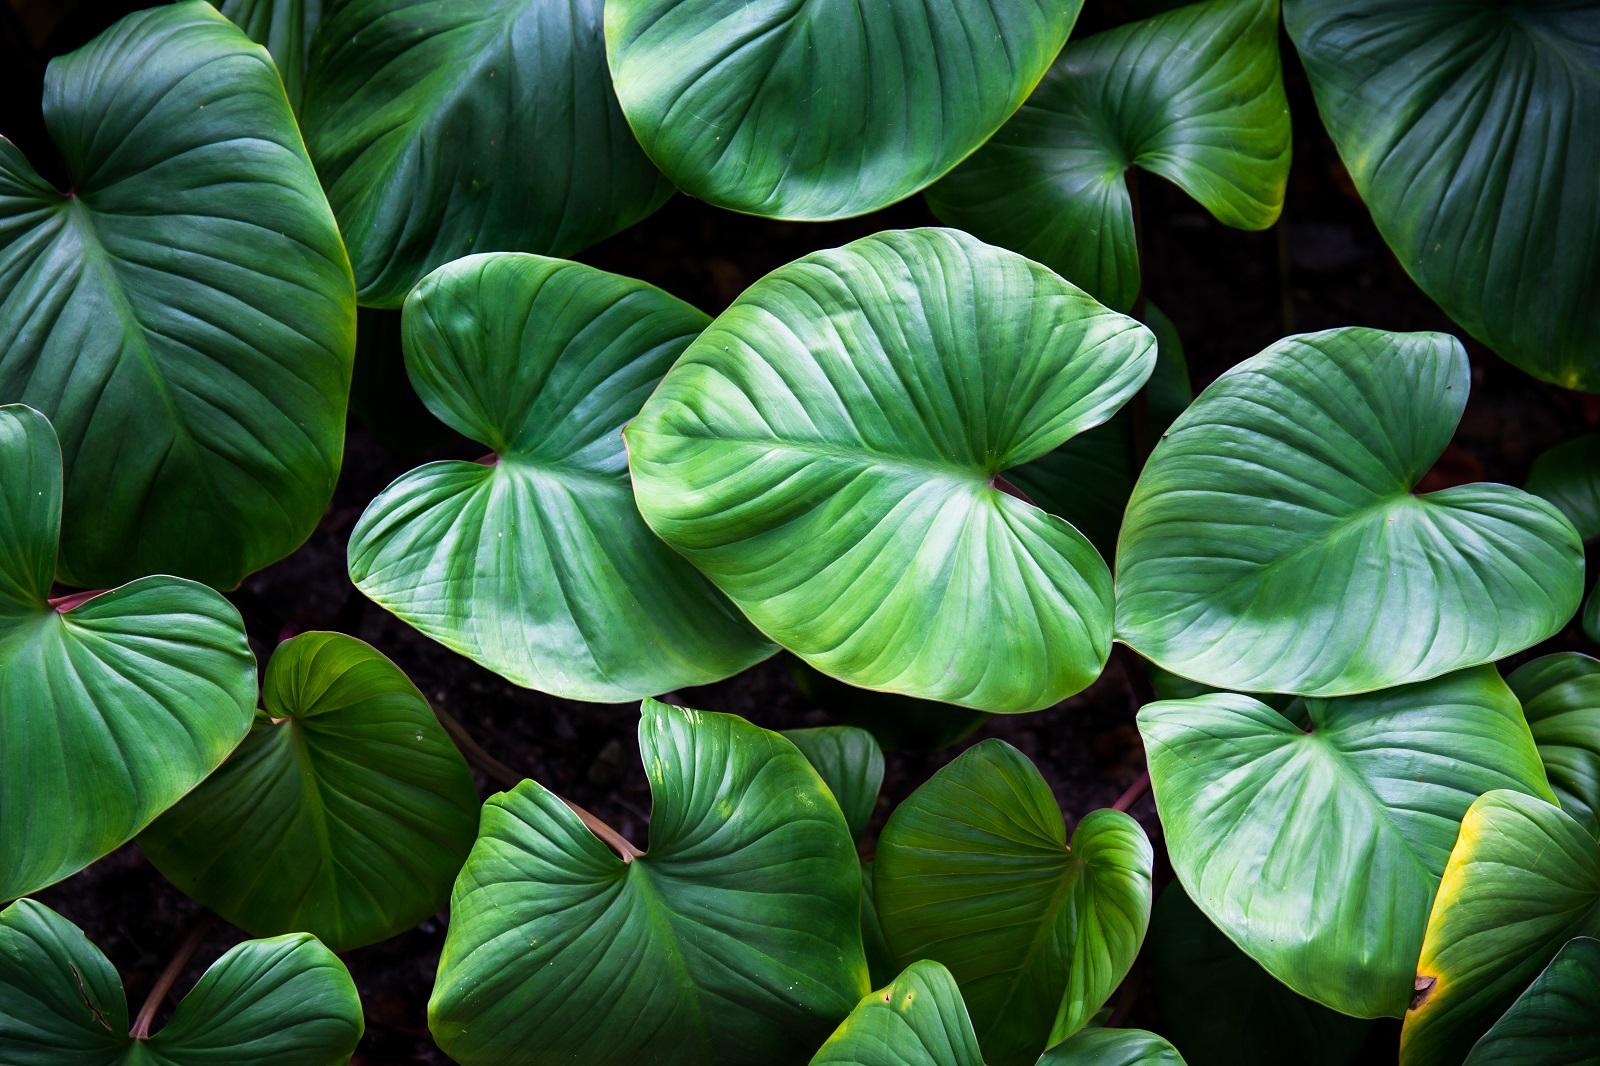 ¿Qué tipo de planta es mejor para regalar?